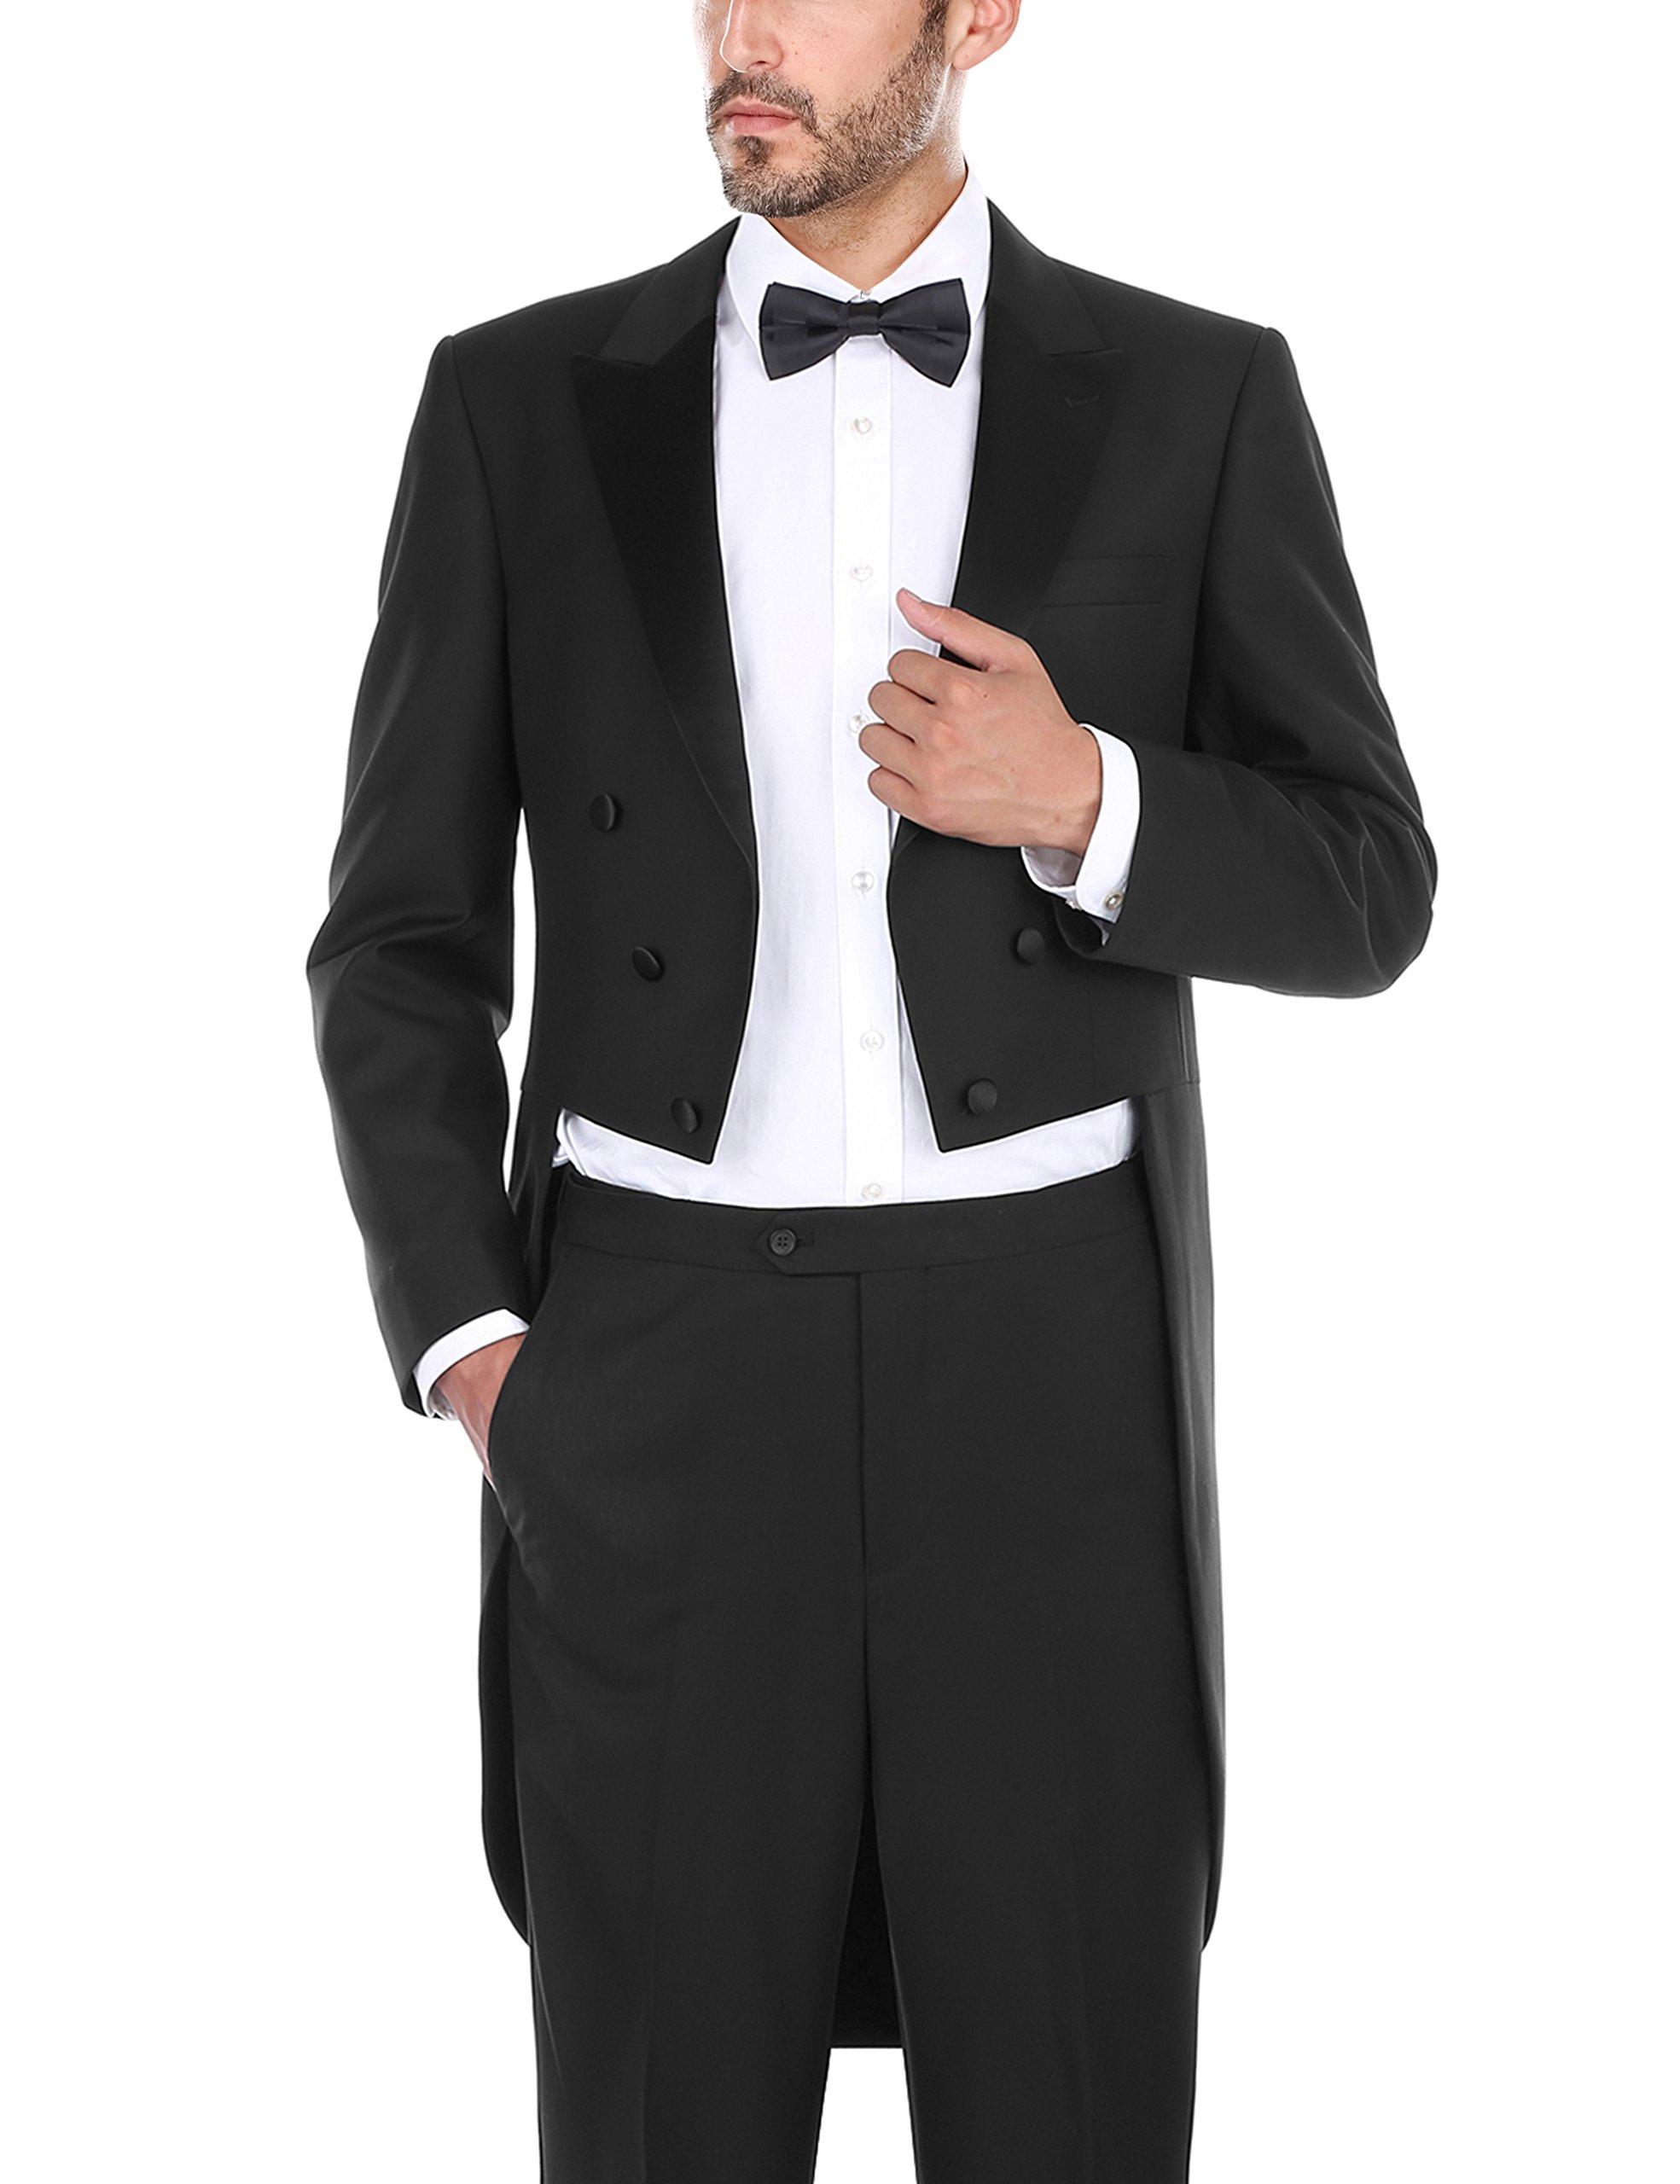 Chama 2 Piece Men's Classic Fit Black Tuxedo Tailcoat Tail Coat Suit, Suit Jacket Blazer, Suit Pants (Black, 42R) by Chama